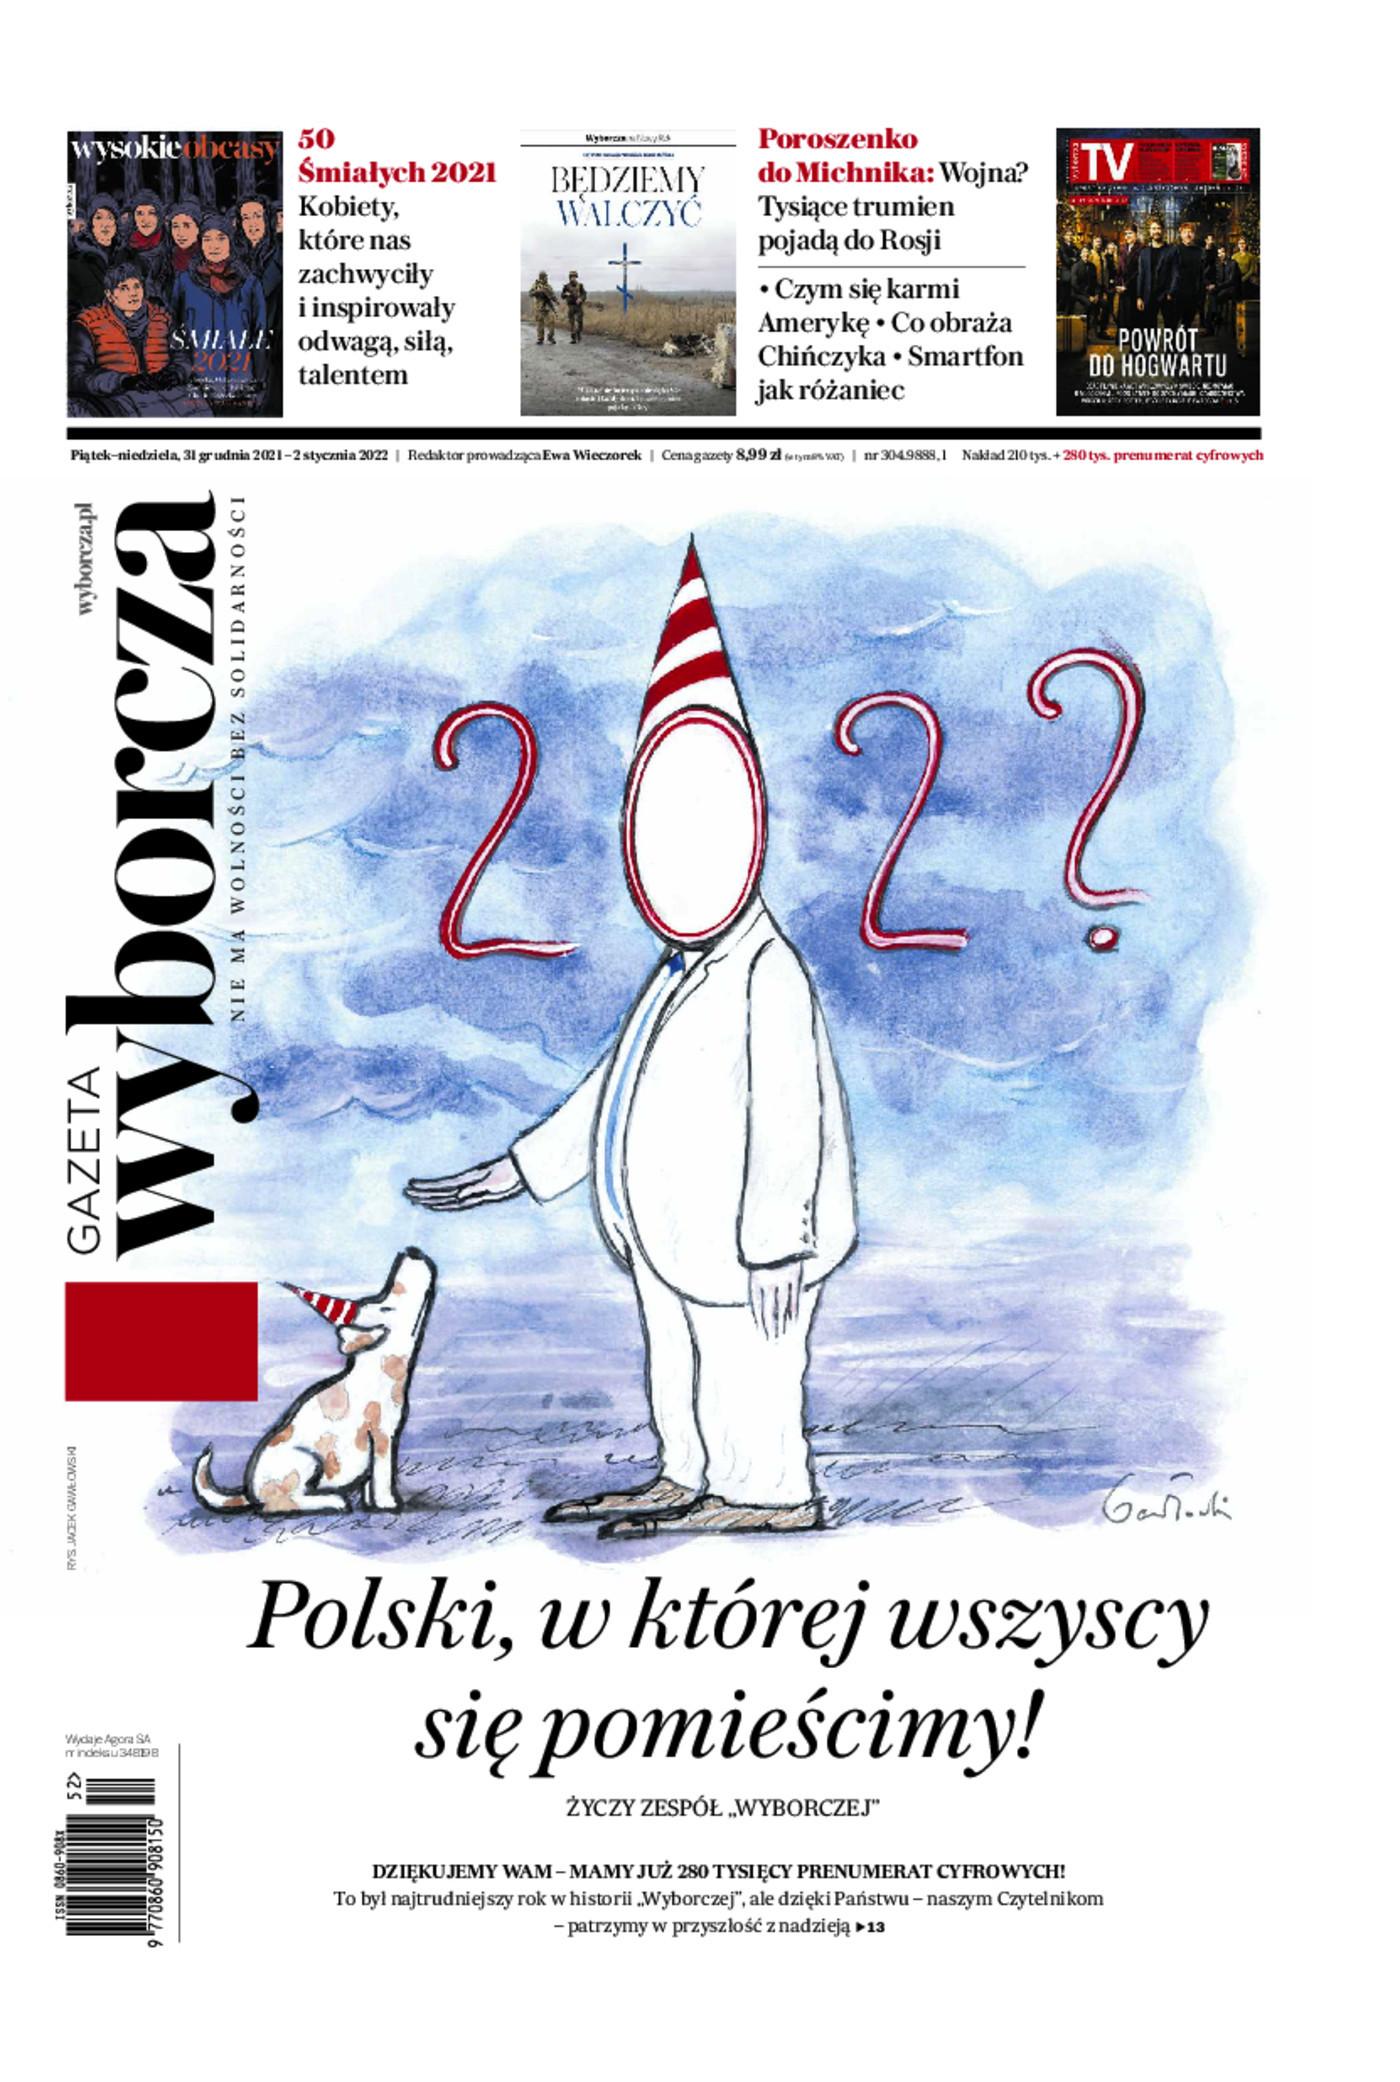 Gazeta Wyborcza - e-wydania regionalne